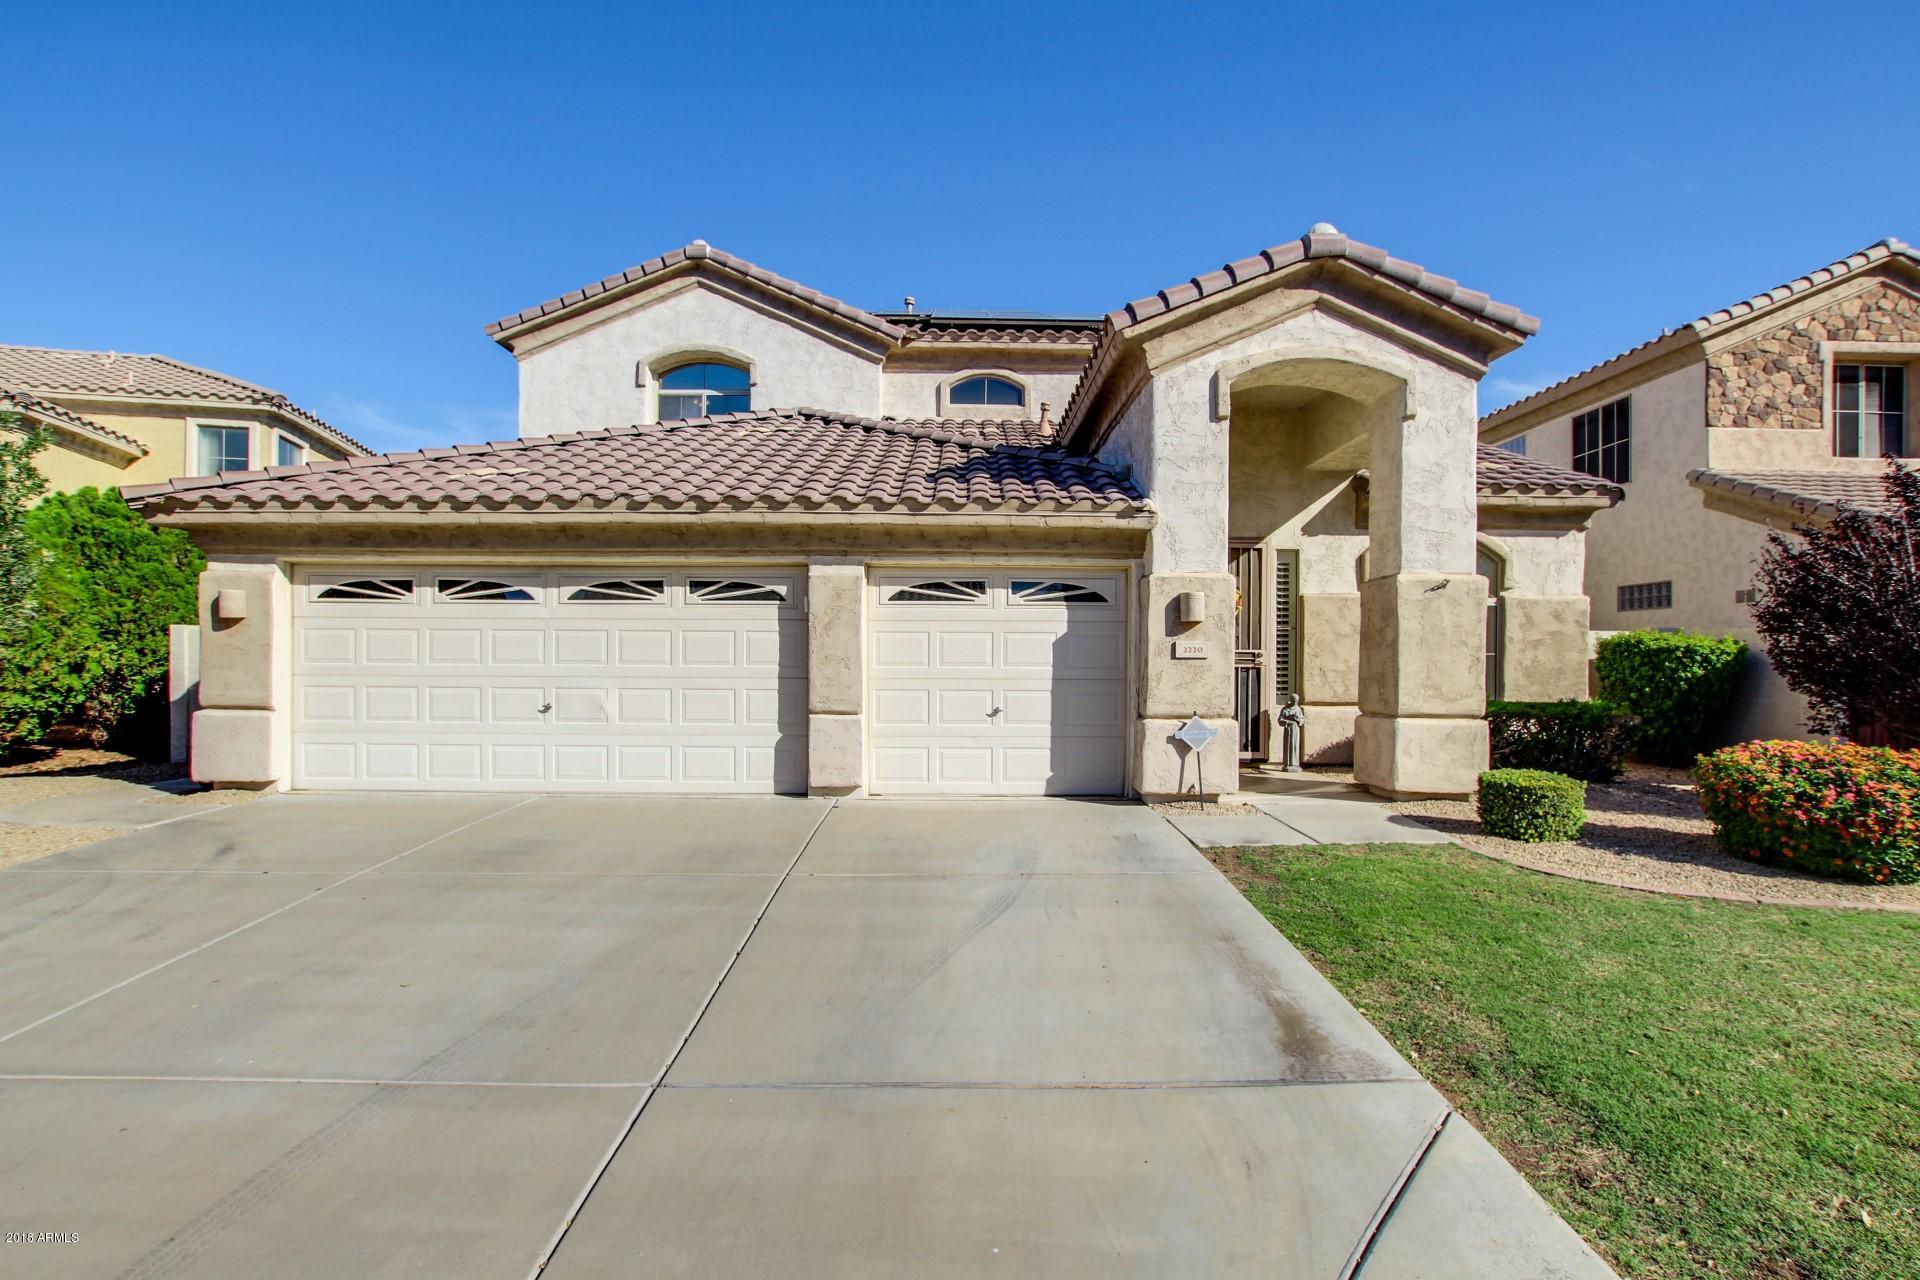 Photo of 2220 E STEPHENS Place, Chandler, AZ 85225